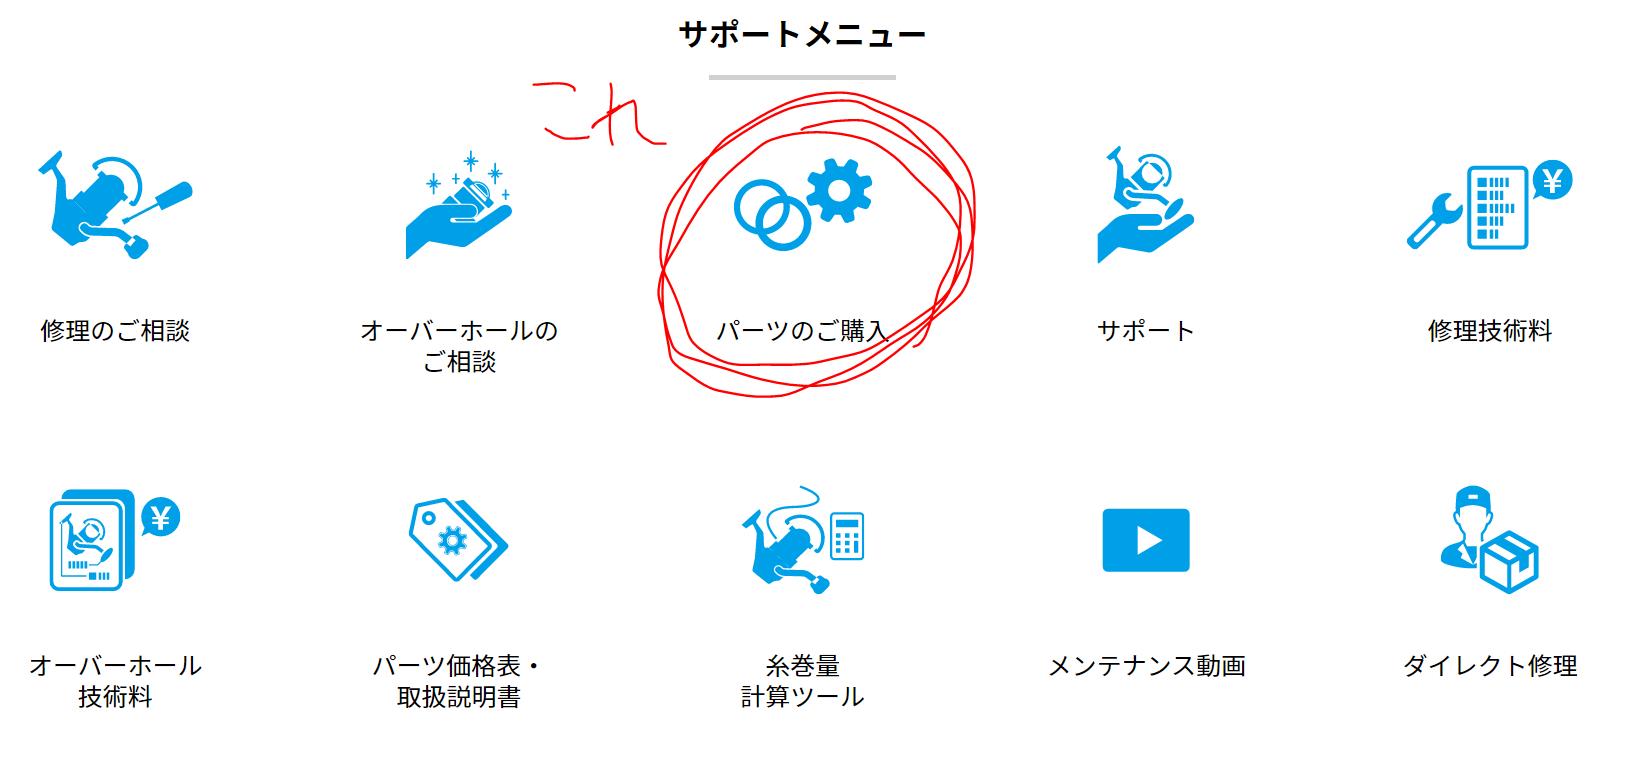 シマノ検索②